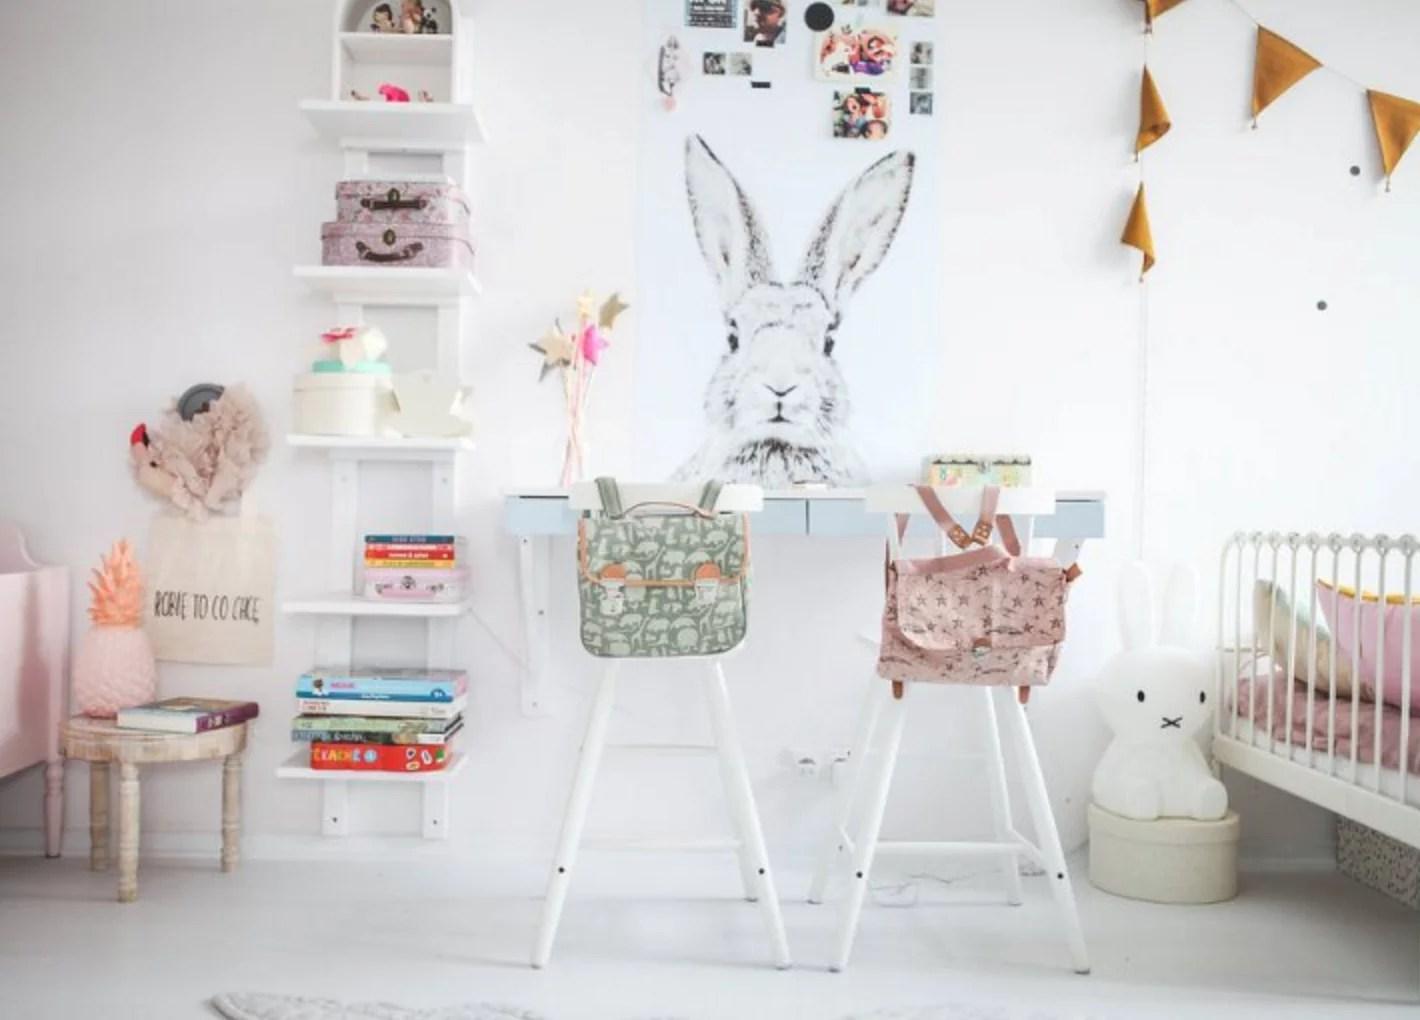 Inrichten Klein Huis : Gallery of kamer baby idee klein kamer inrichten tips kamer